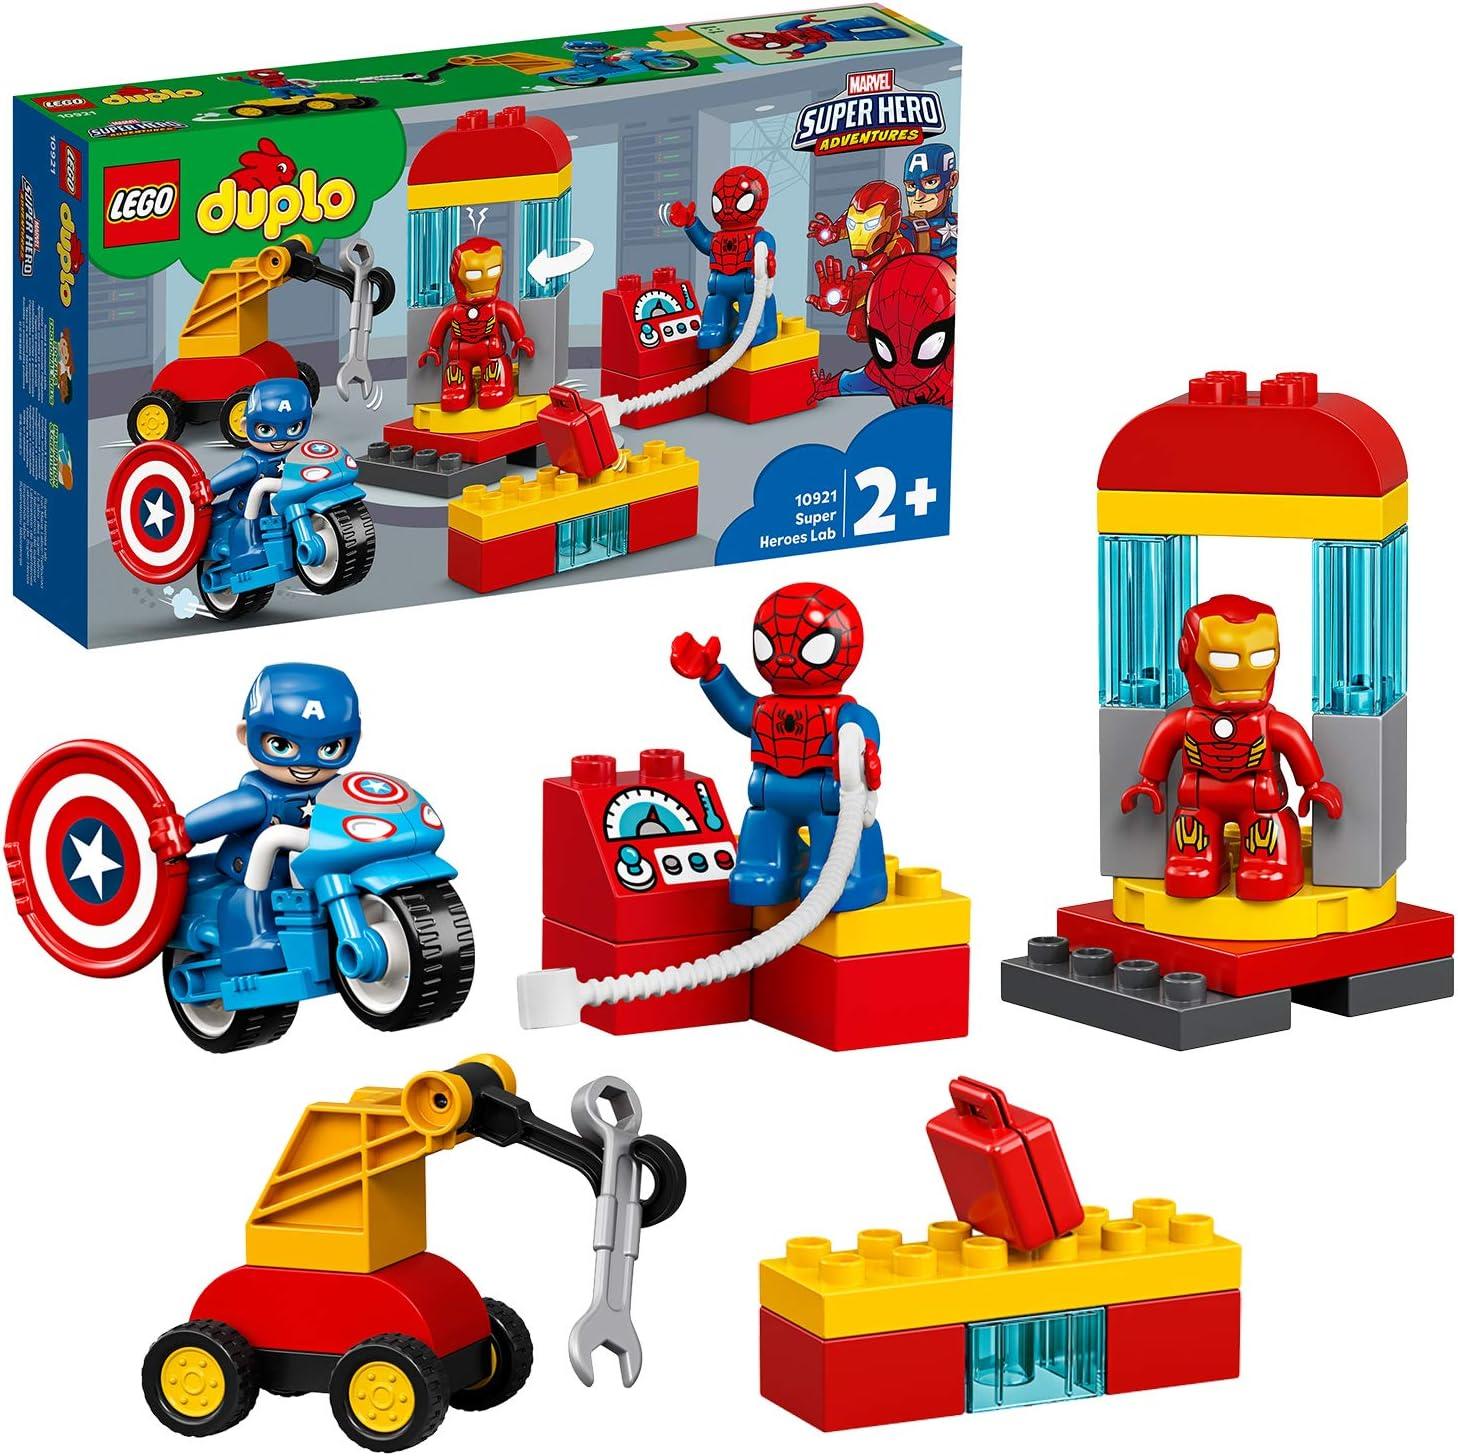 LEGO DUPLO Super Heroes - Laboratorio de Superhéroes, Set de Construcción Inspirado en Marvel, Incluye Figuras de Personajes como Spider-man, Ironman y Capitán América (10921)